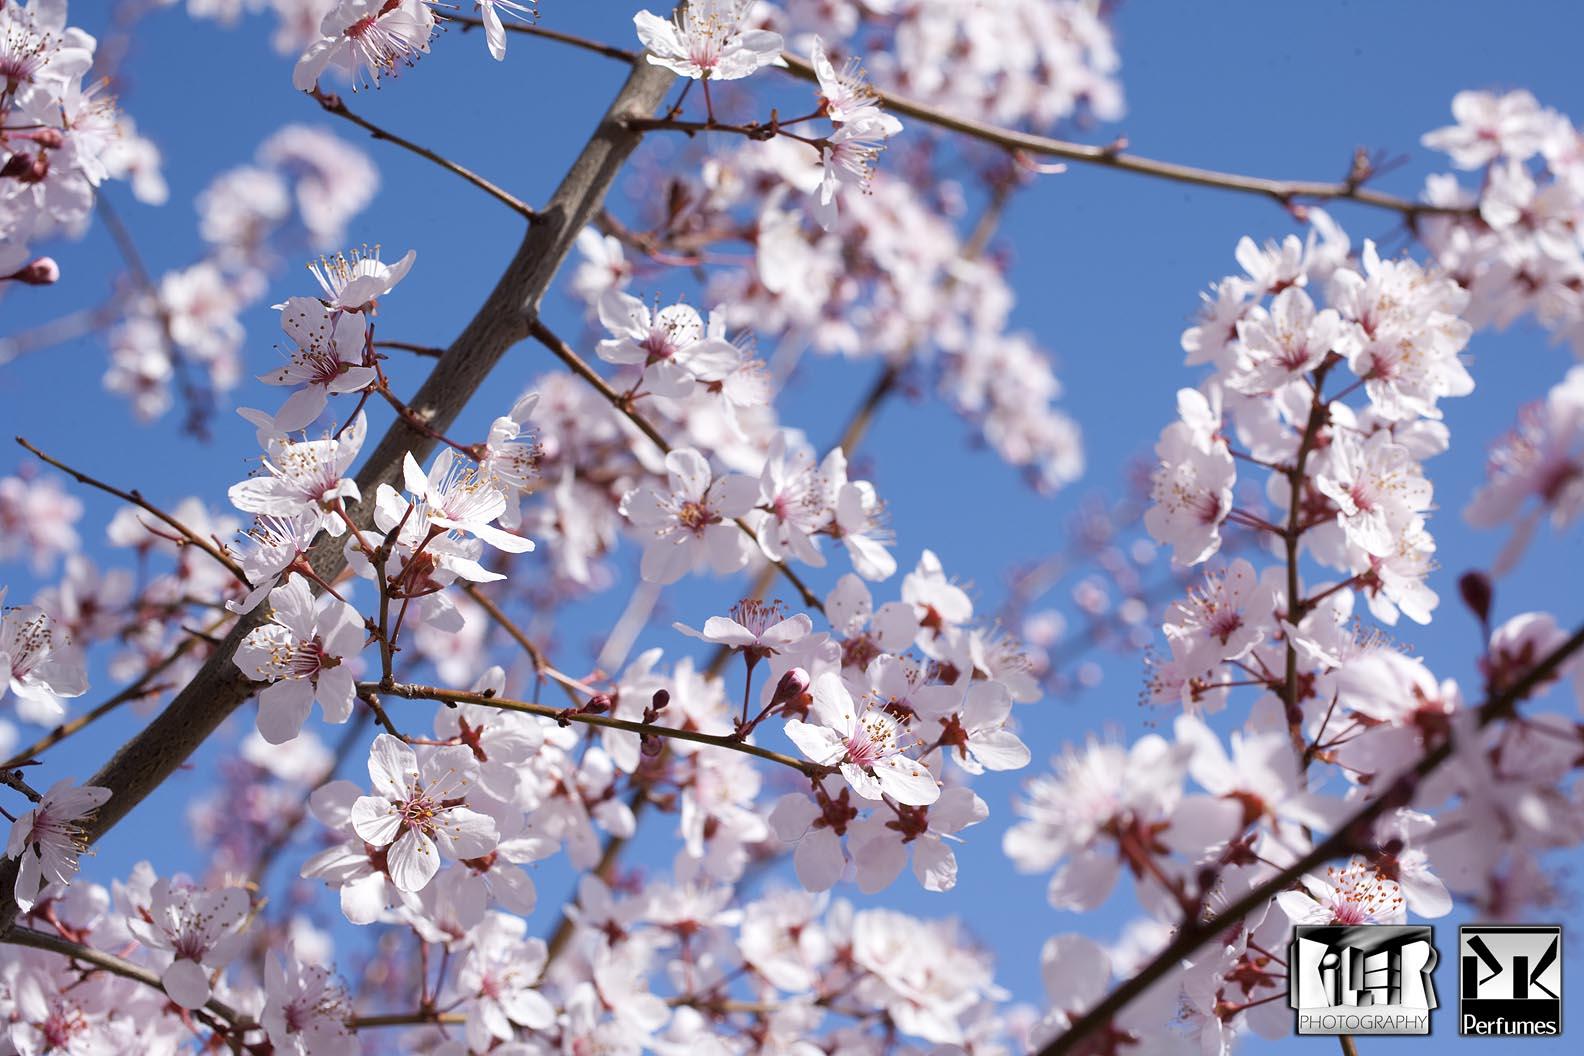 Plum Blossoms 1 - PK Perfumes